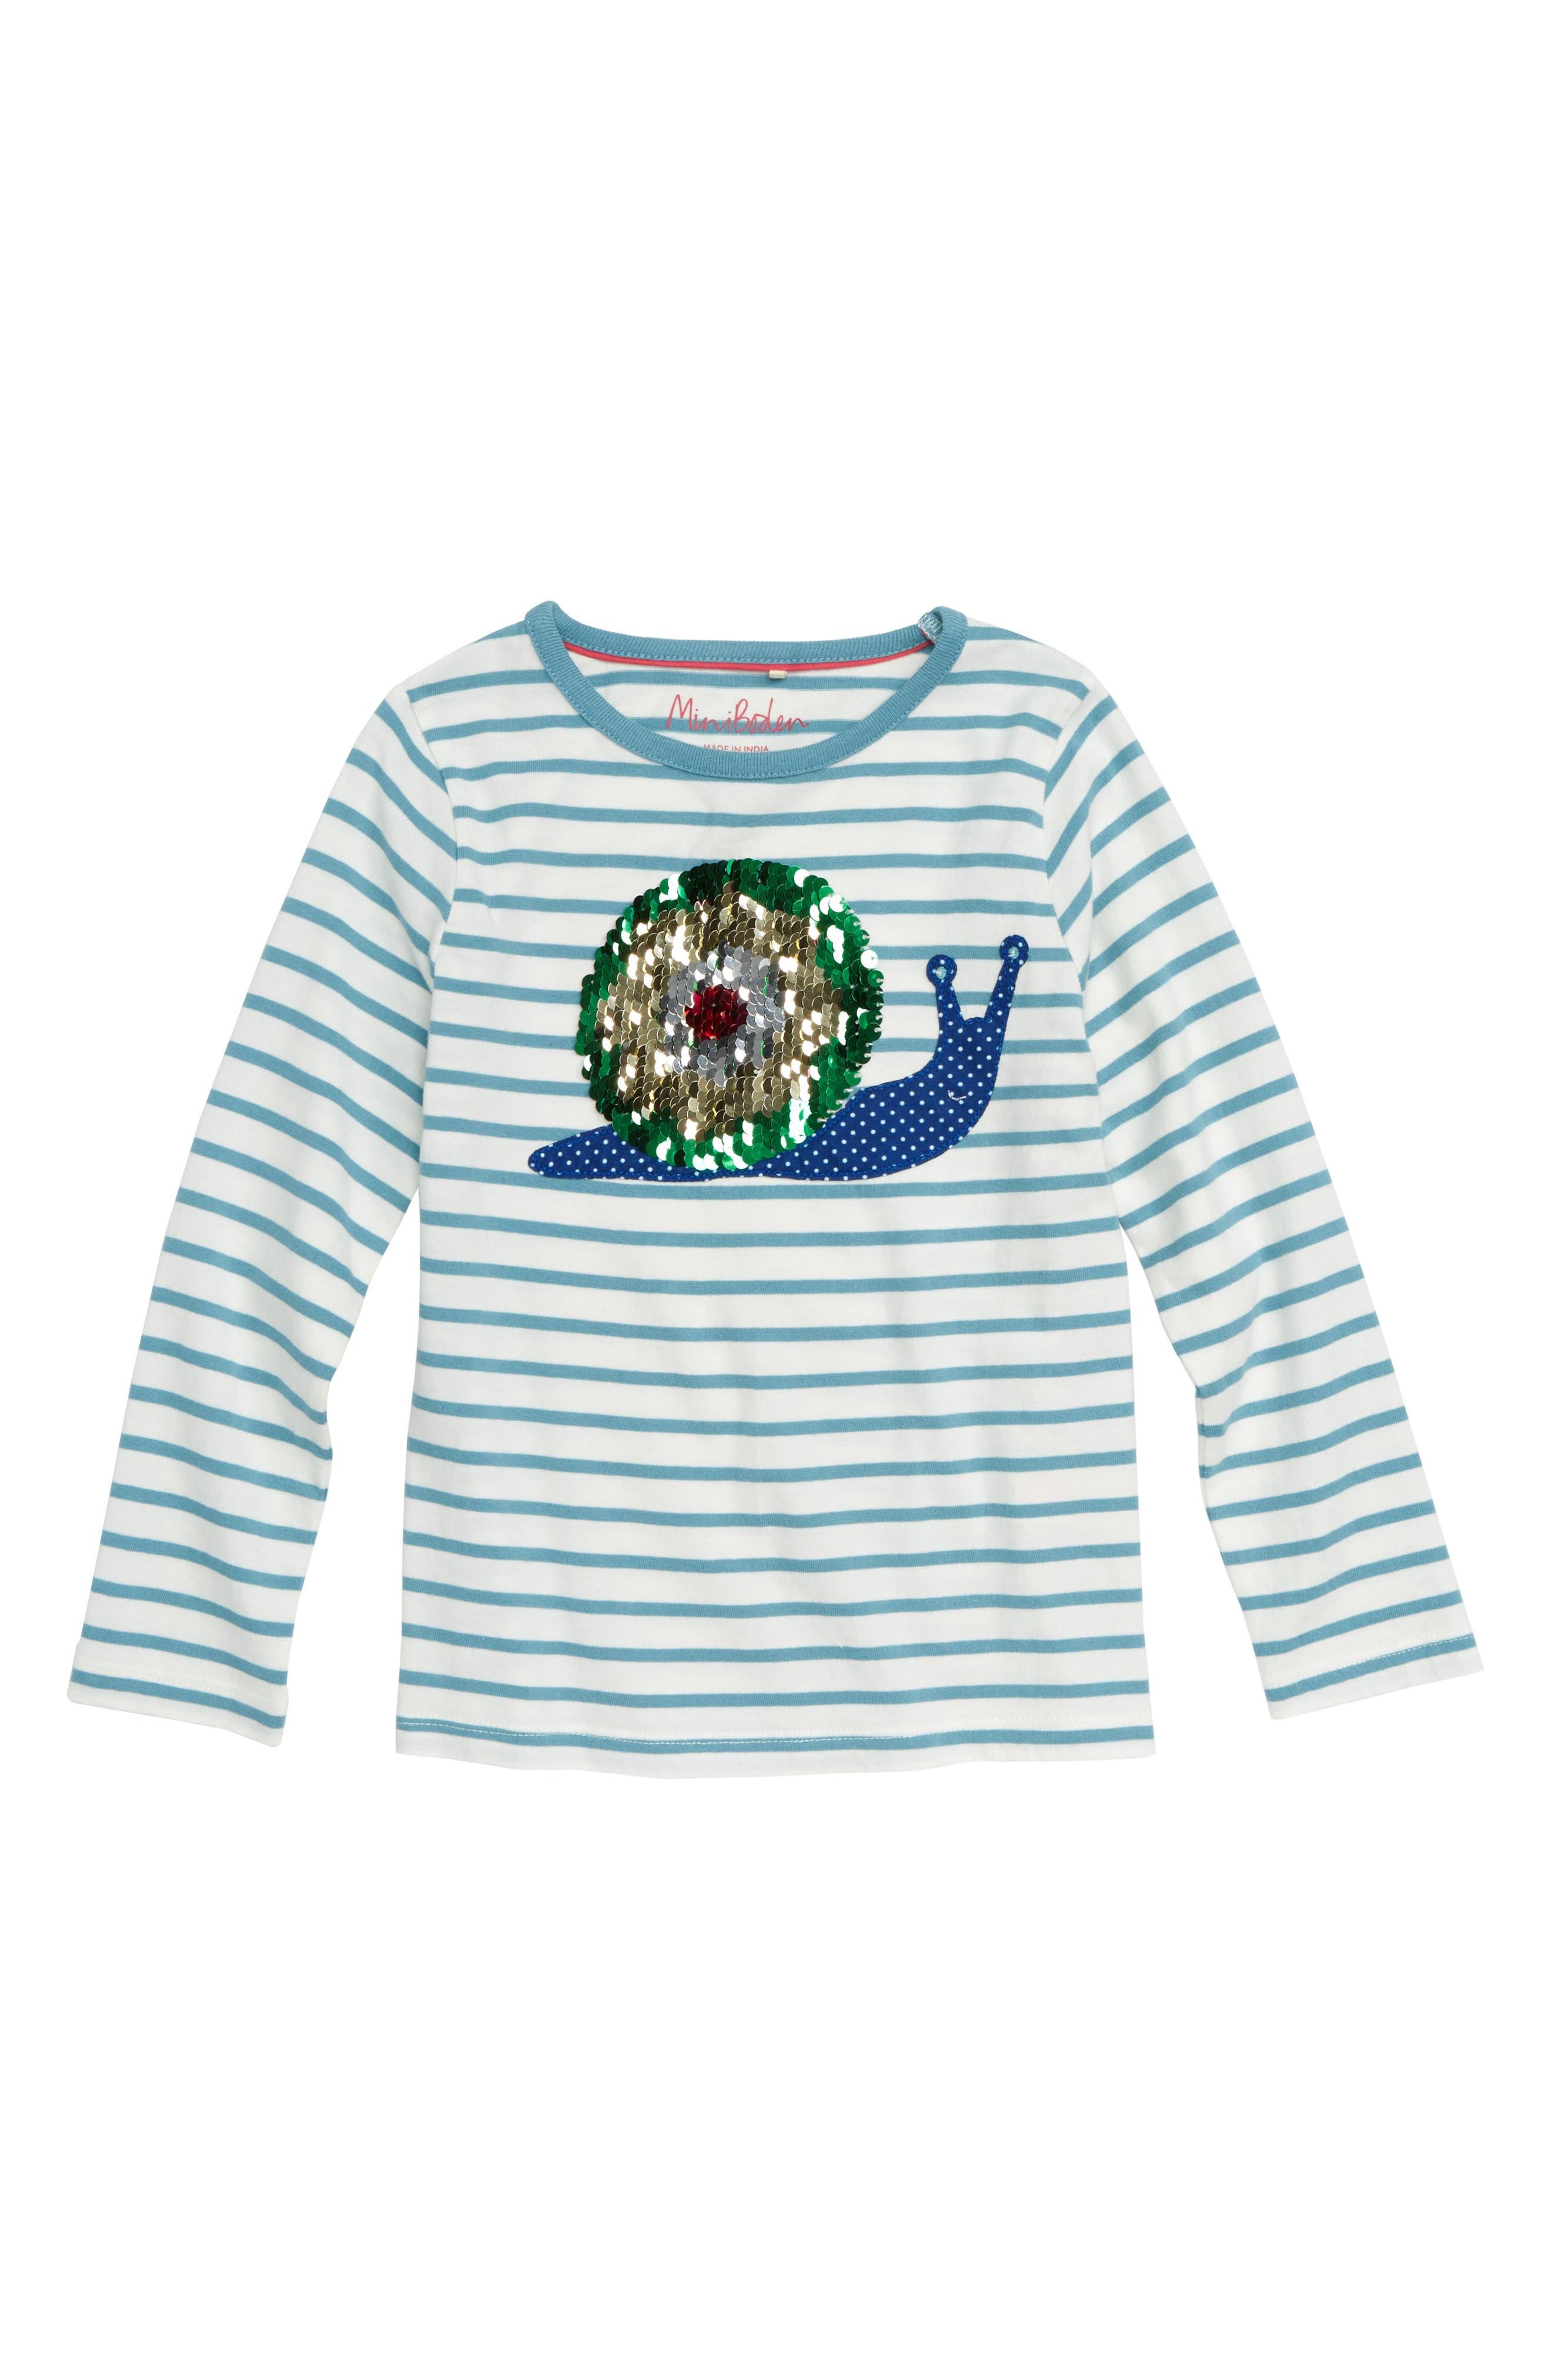 MINI BODEN,                             Sequin Color Change Shirt,                             Main thumbnail 1, color,                             454